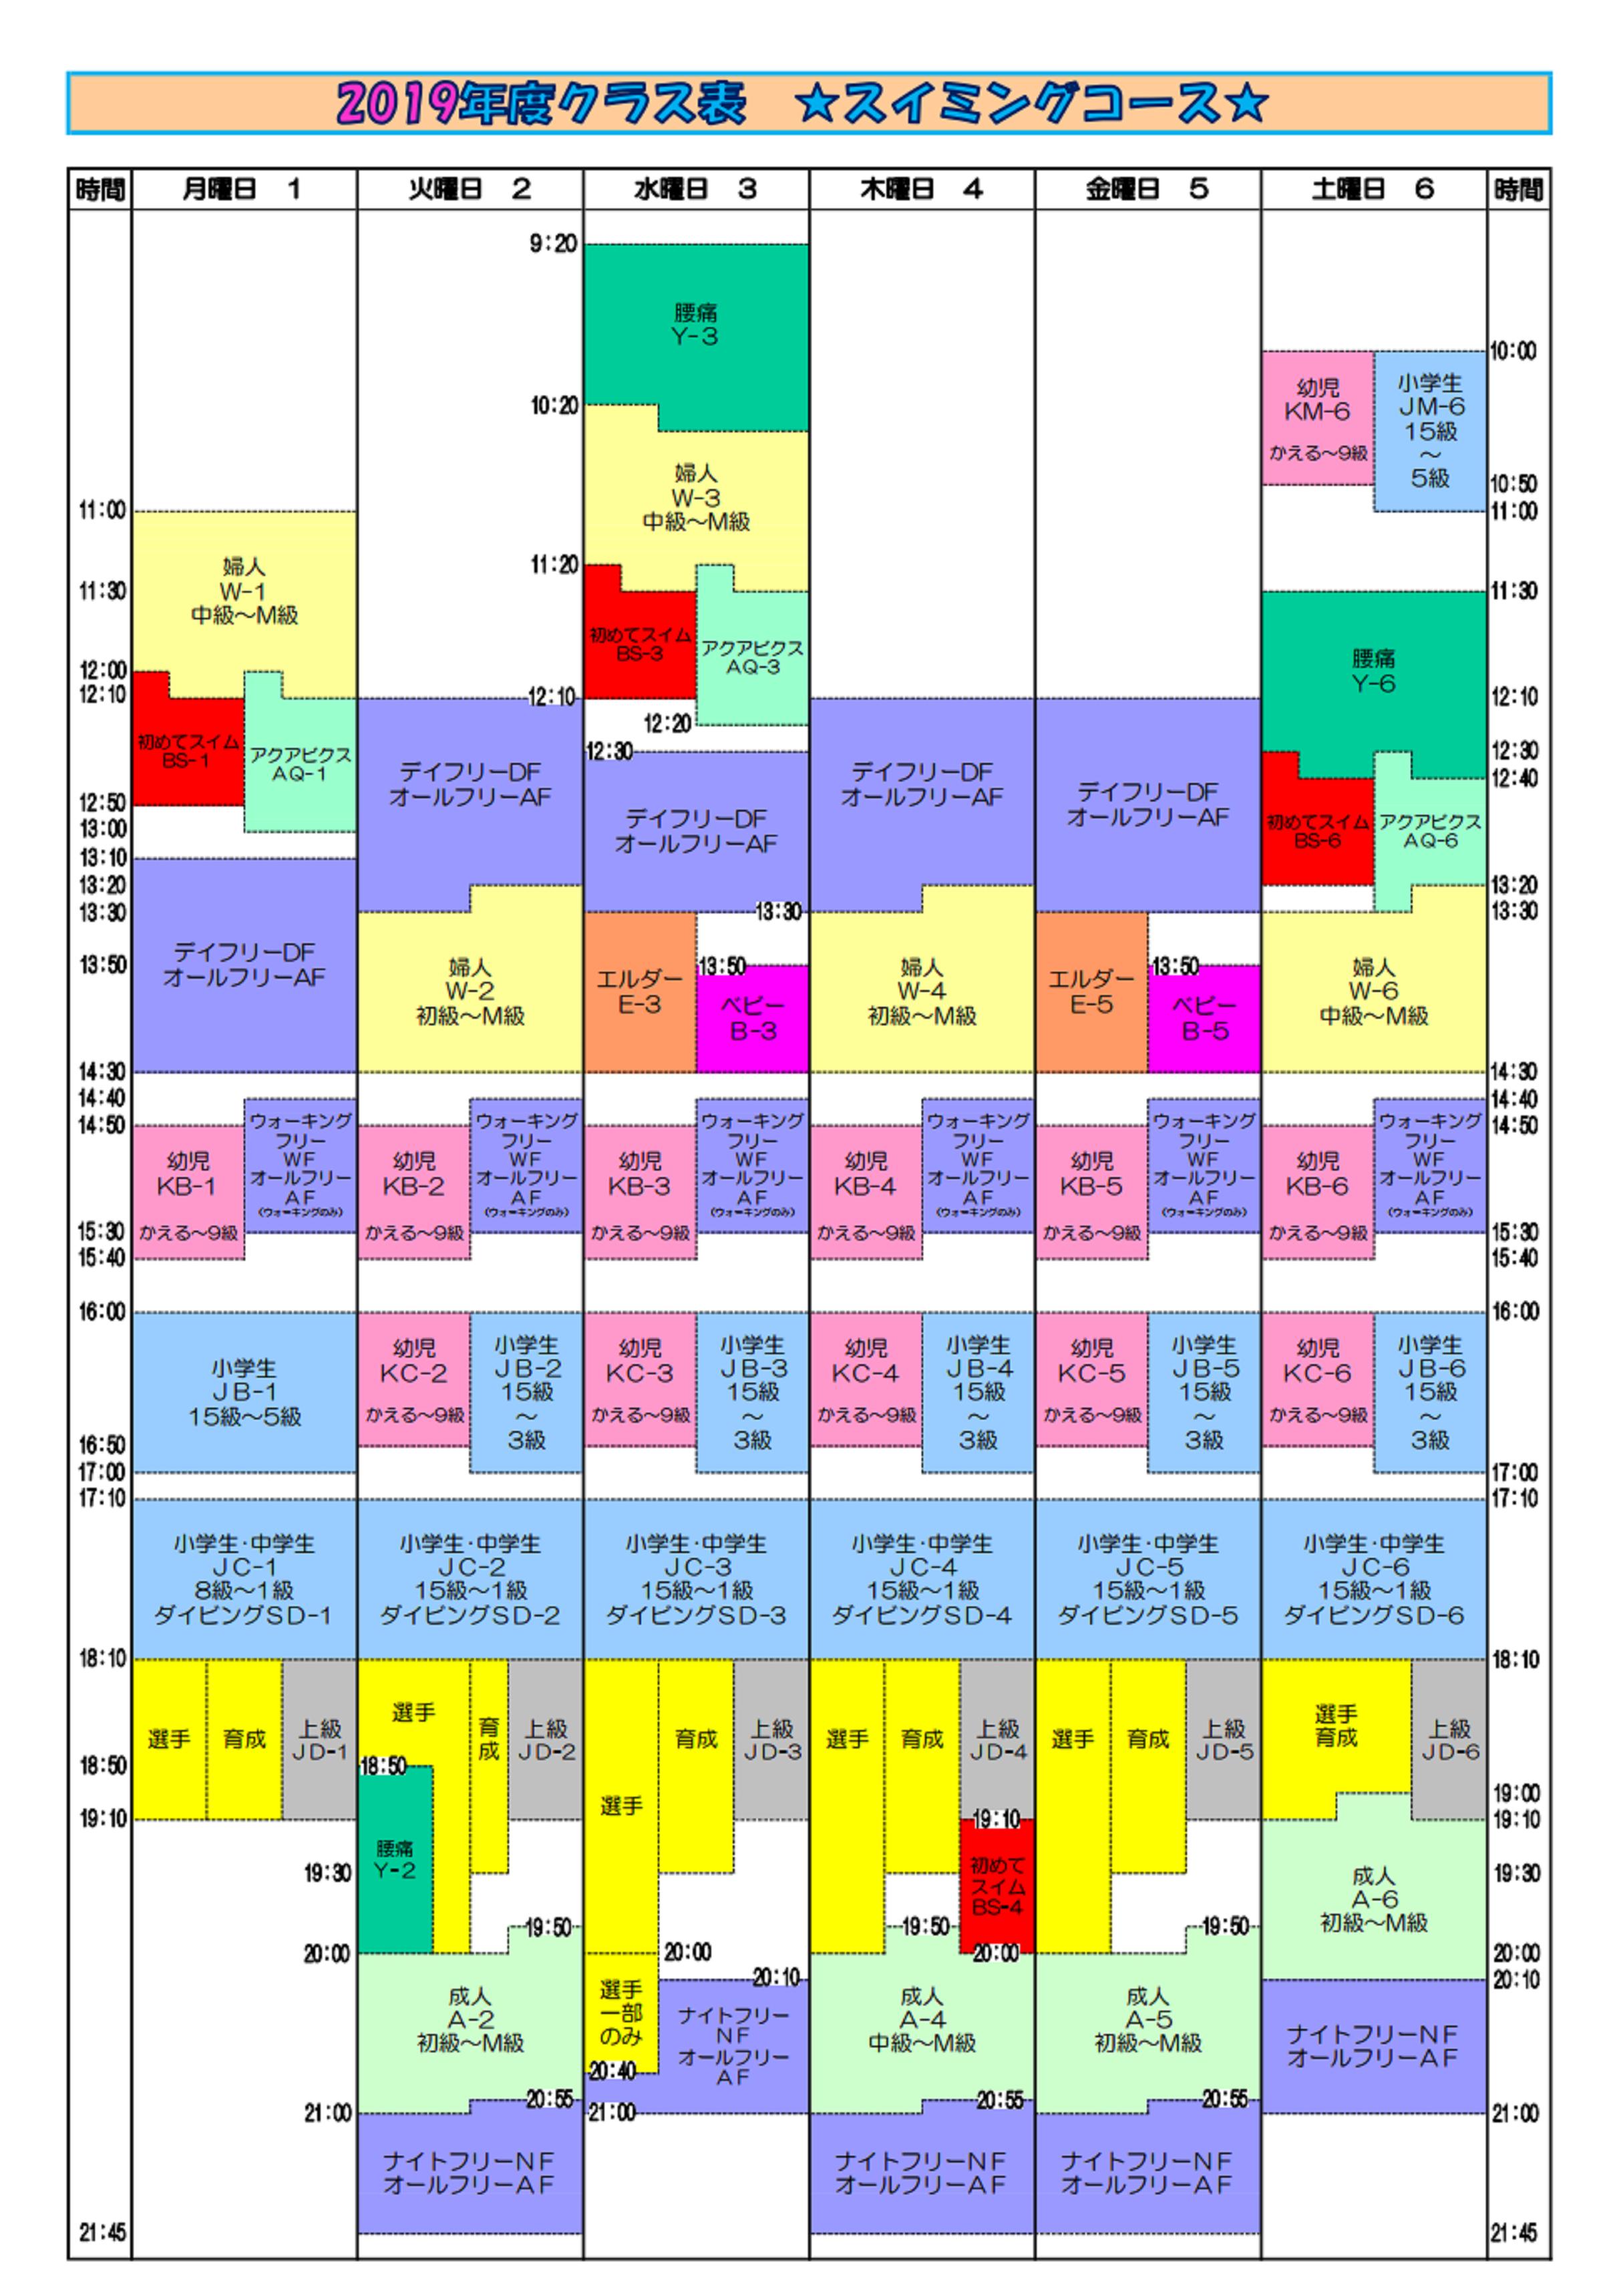 スイミングの2019年度クラス表です。